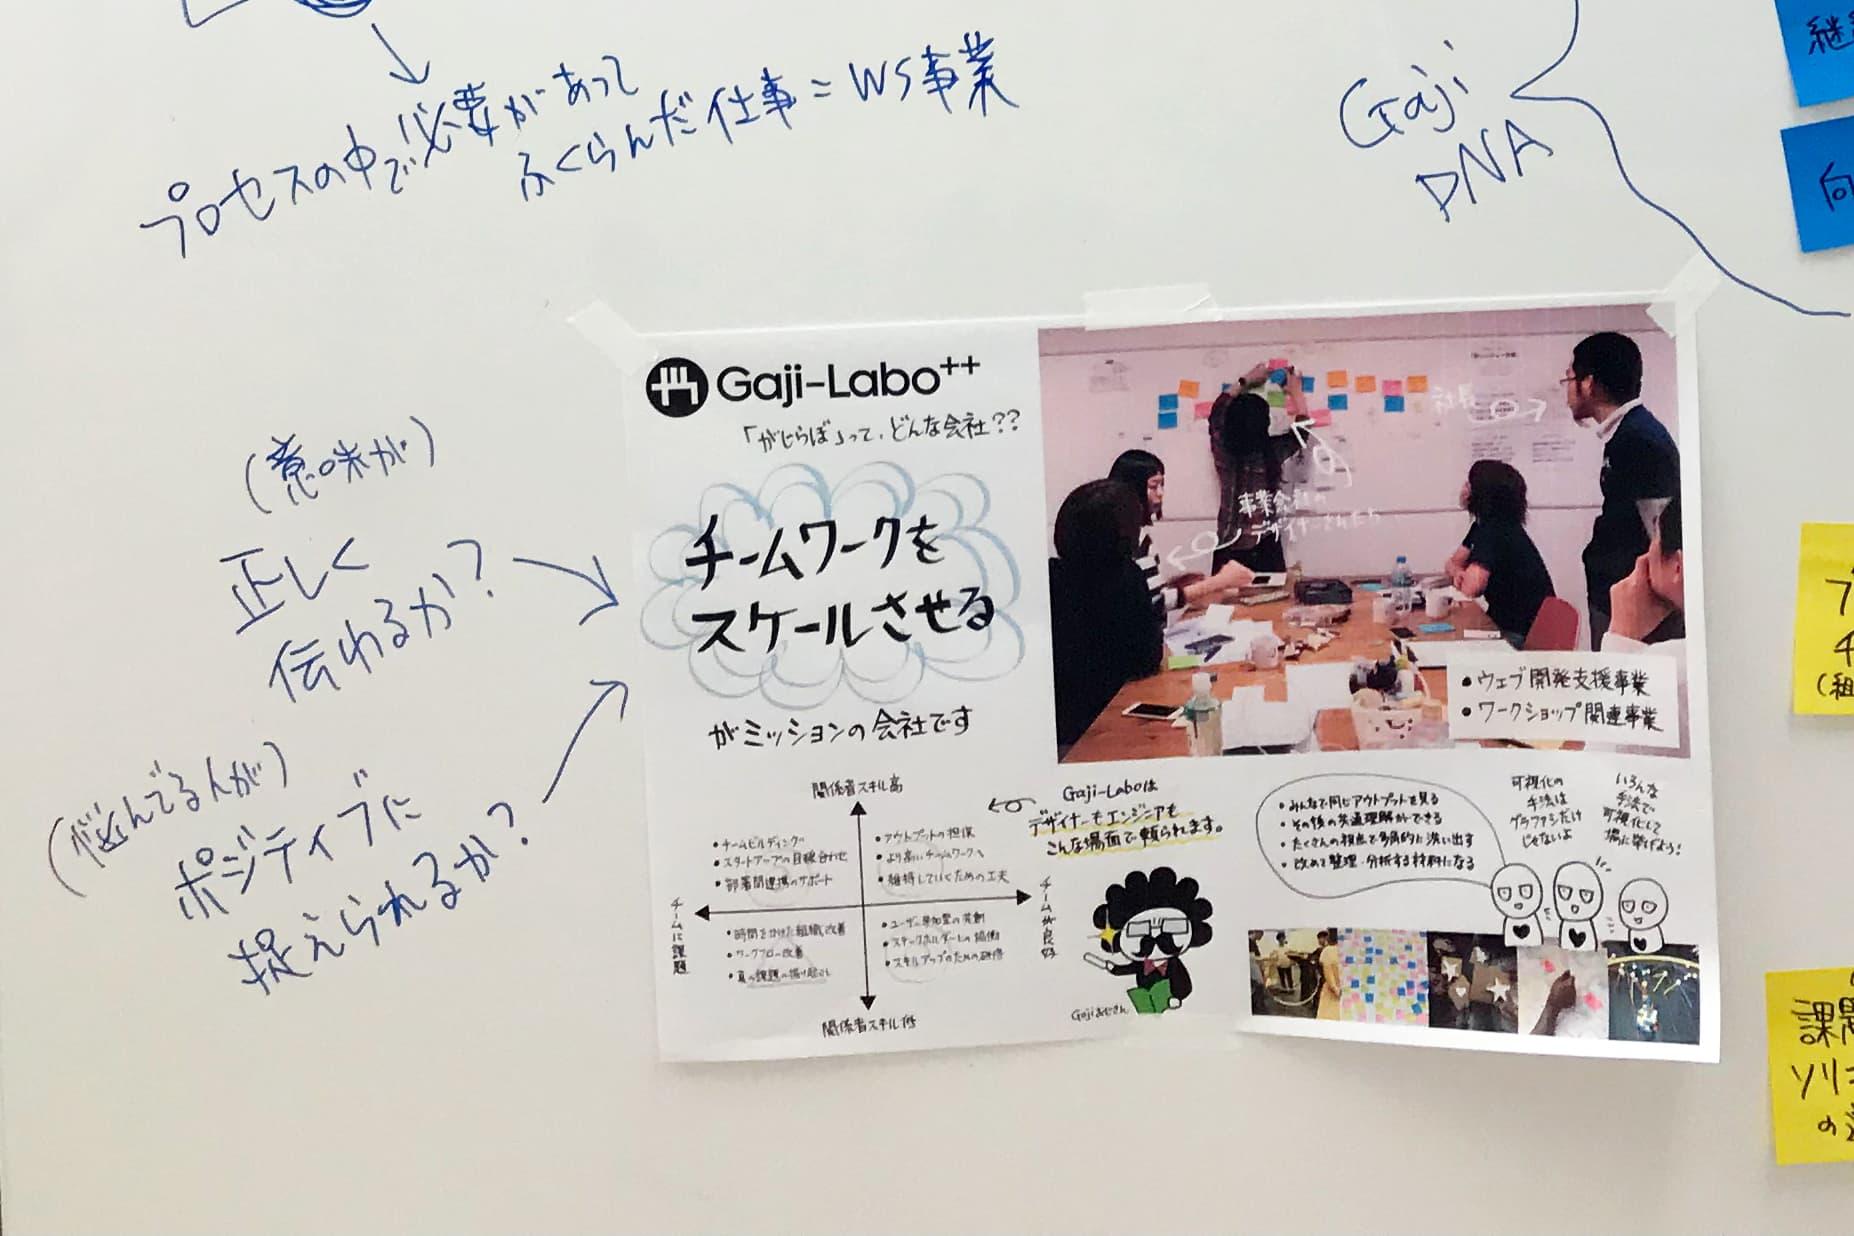 アイキャッチ画像:今のGaji-Laboってどんな会社? 「できることベース」から「目指したいことベース」に進化中!